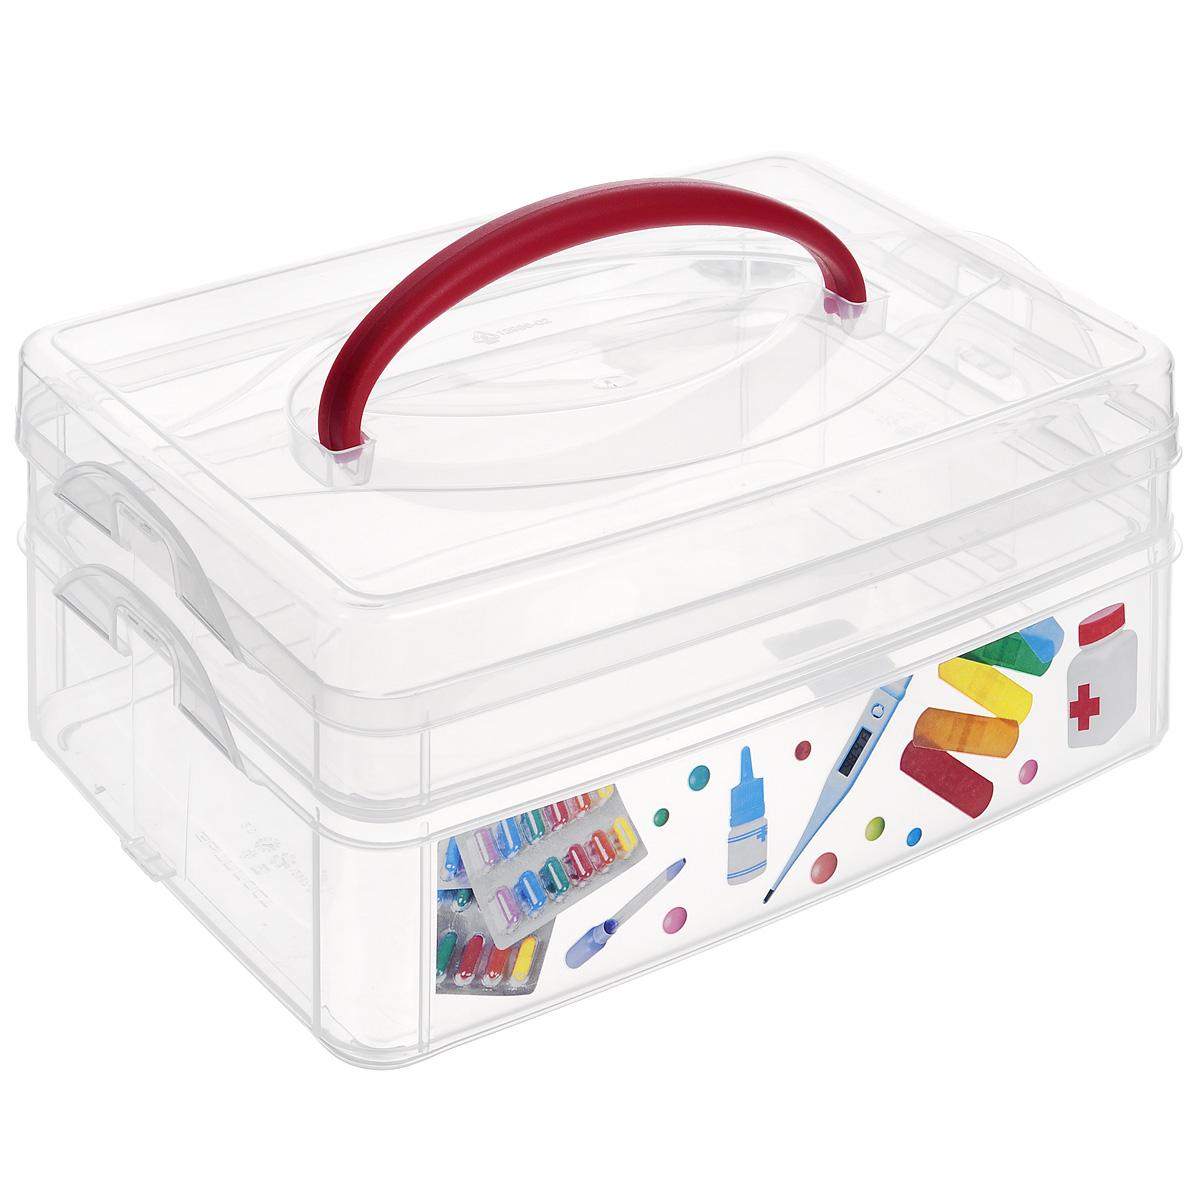 Контейнер для мелочей Econova Multi Box, с ручкой, 2 секции, 24,5 см х 16 см х 10,5 смС12333Контейнер для мелочей Econova Multi Box выполнен из высококачественного прозрачного пластика. Это отличное место для хранения материалов для рукоделия, различных аксессуаров. Изделие декорировано ярким рисунком. Контейнер легко открывается, оснащен двумя съемными отделениями и специальной пластиковой ручкой для переноски. Не требует особого ухода.Благодаря малым габаритам, контейнер занимает очень мало места. Контейнер Econova Multi Box - идеальное решение для аккуратного хранения вещей.Размер маленького отделения: 23,5 см х 15,5 см х 4,5 см.Размер большого отделения: 23,5 см х 15,5 см х 6 см.